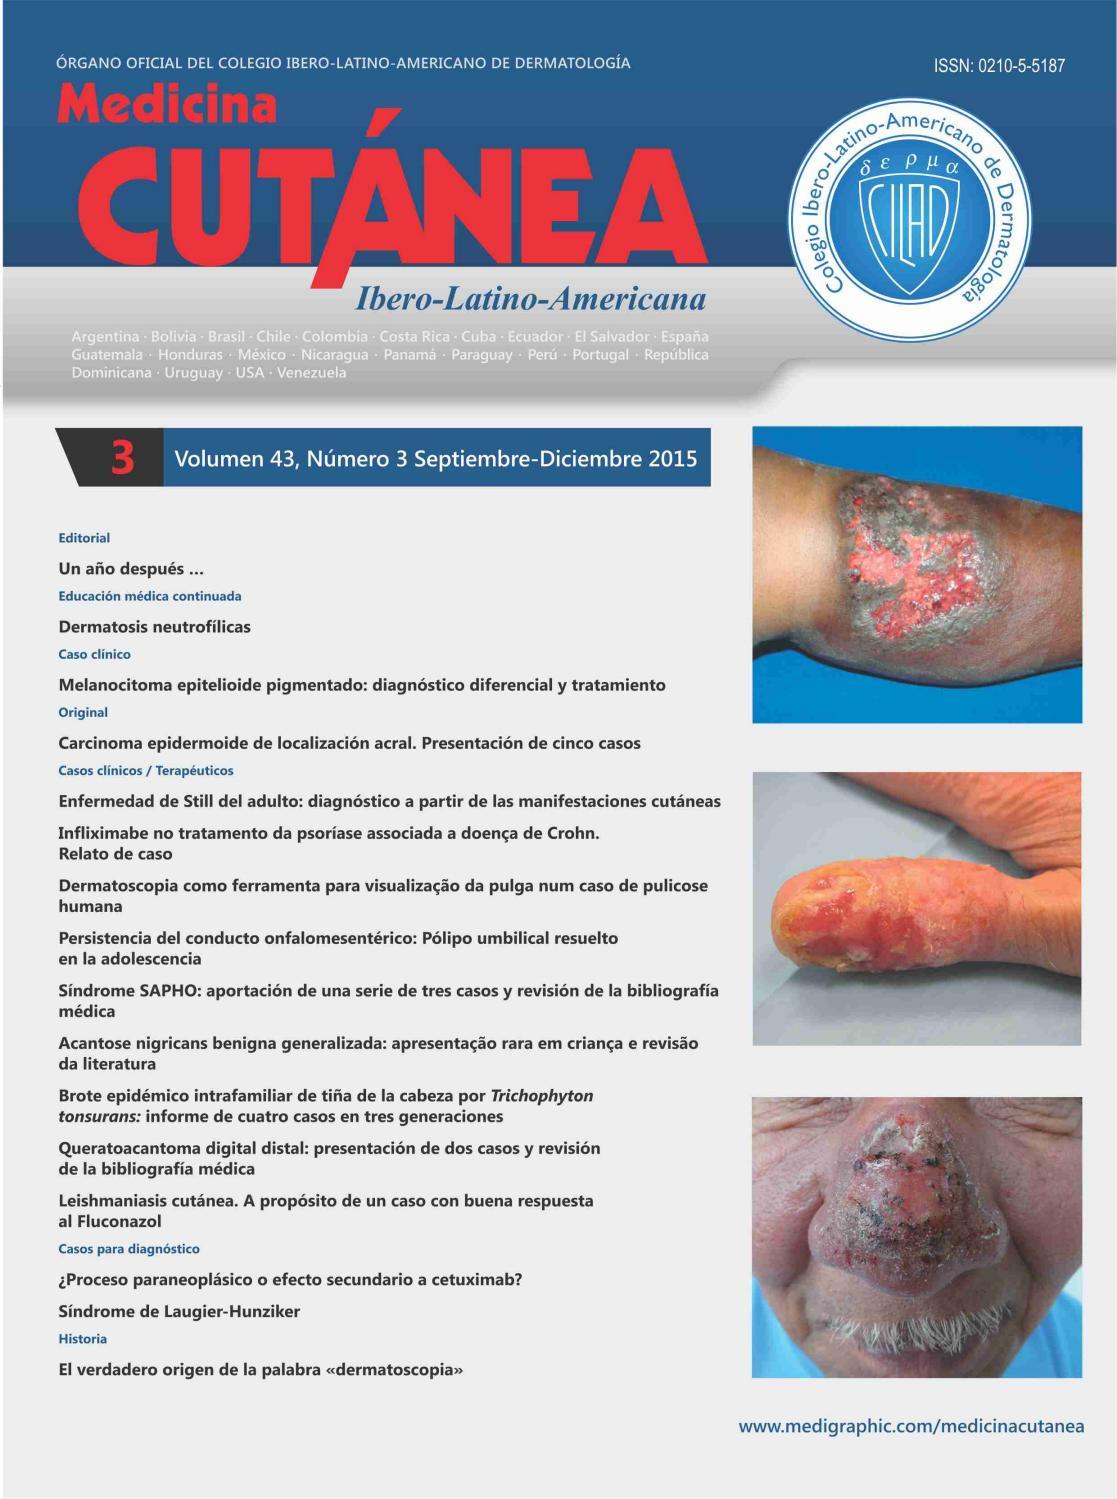 arteritis inducida por radiación después de la radiación de próstata